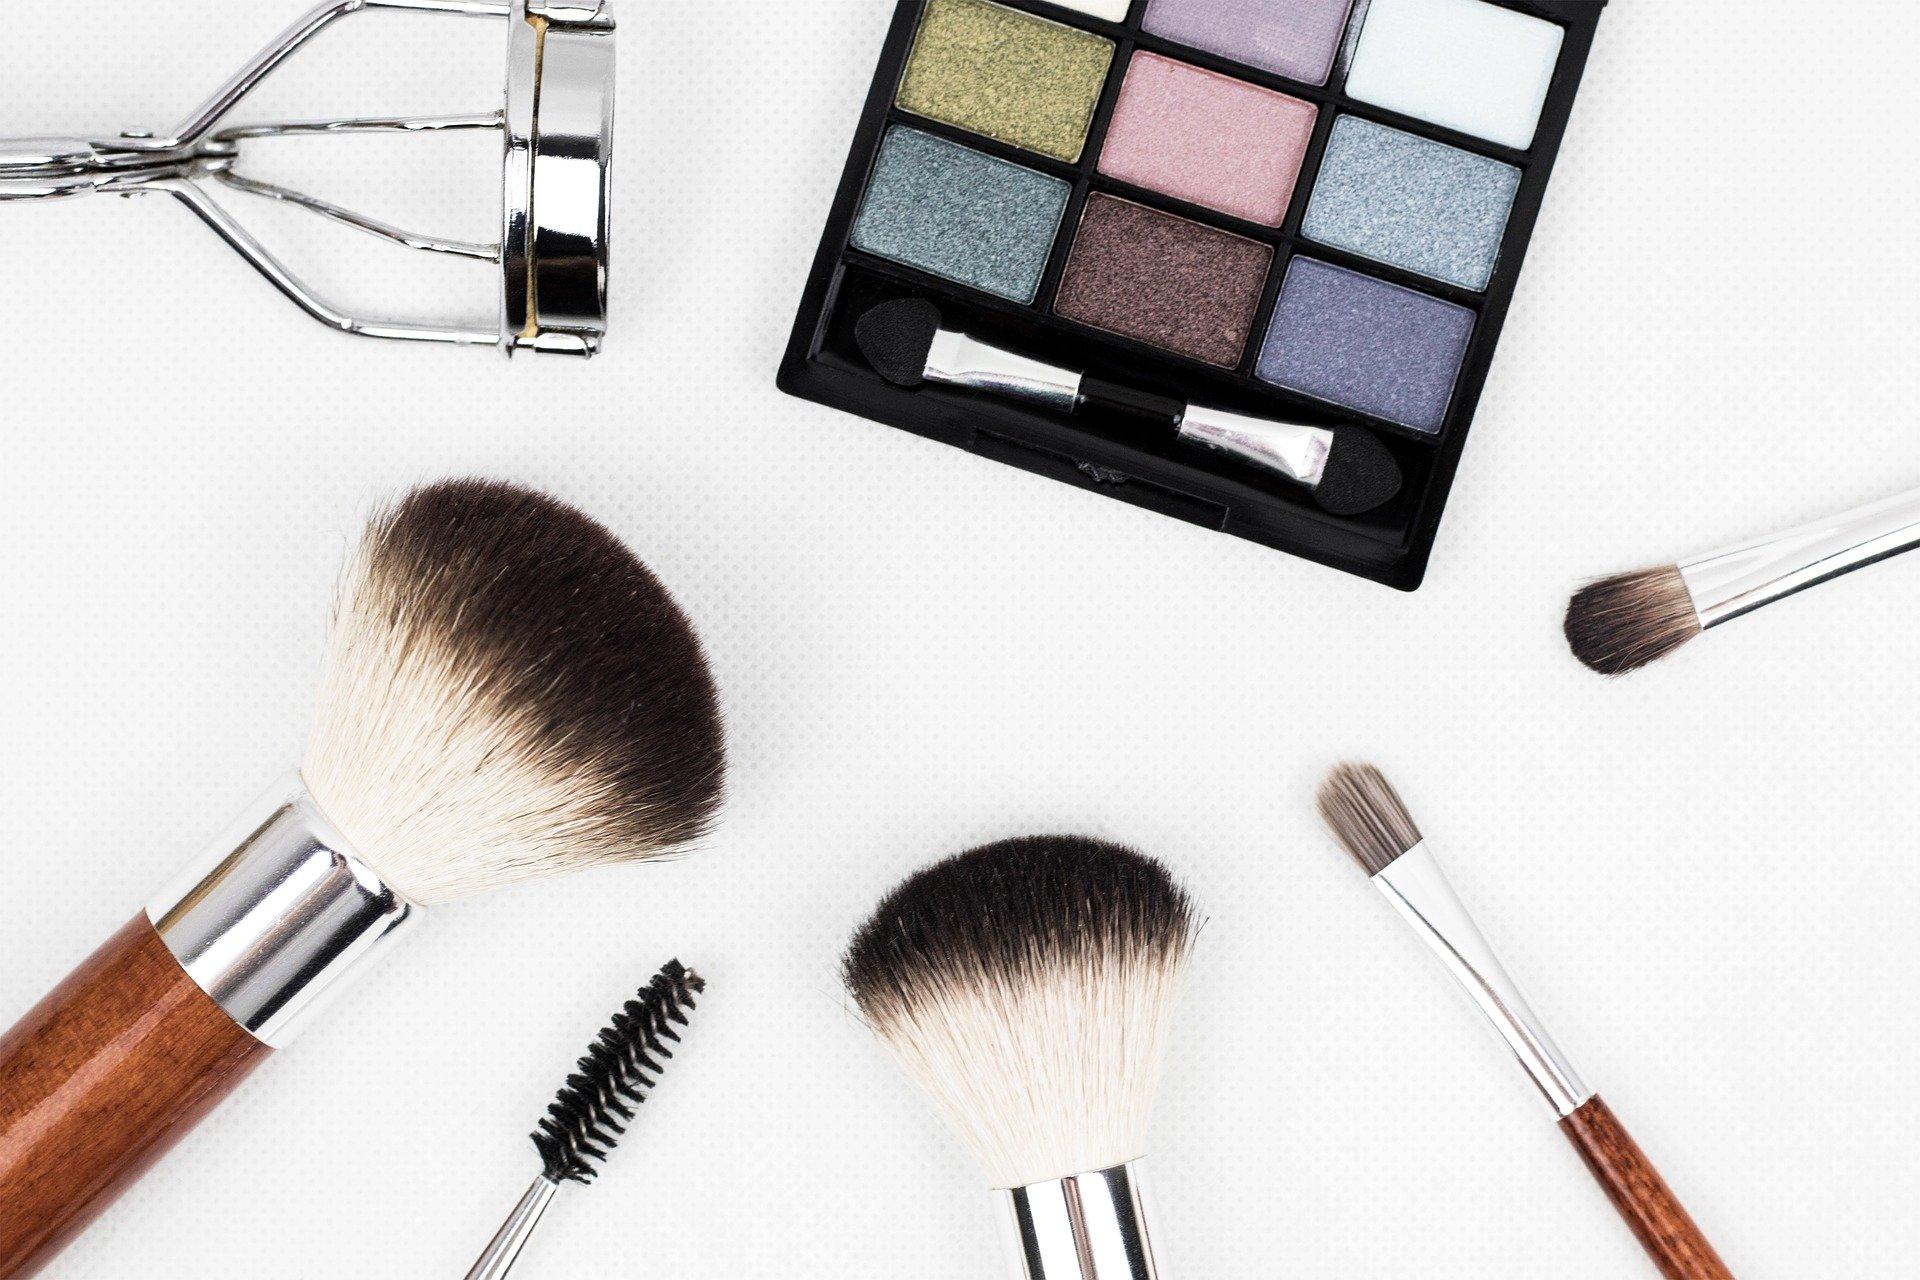 Une_routine_de_maquillage_simple_pour_l_automne_:_conseils_d_une_jeune_femme_de_20_ans_et_plus